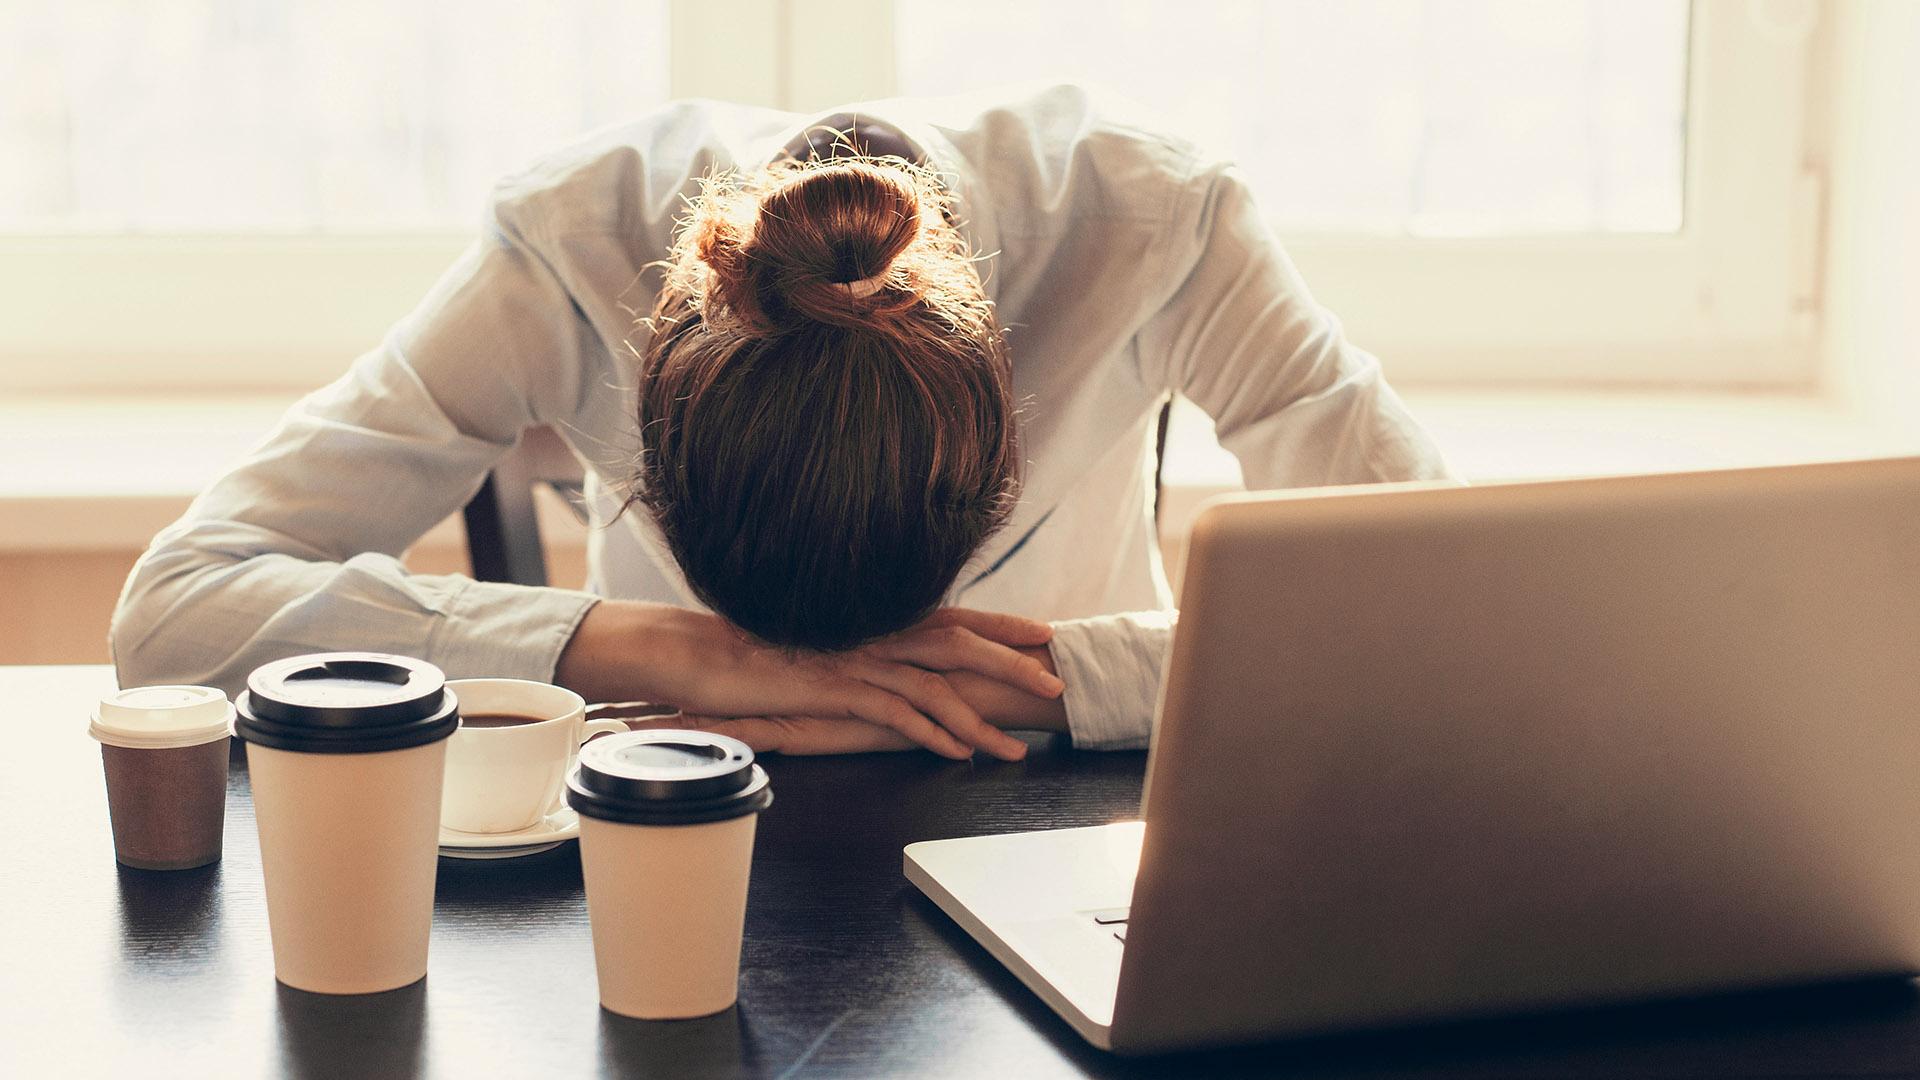 Quienes no descansan correctamente no logran concentrarse en sus tareas o se muestran irritados (iStock)